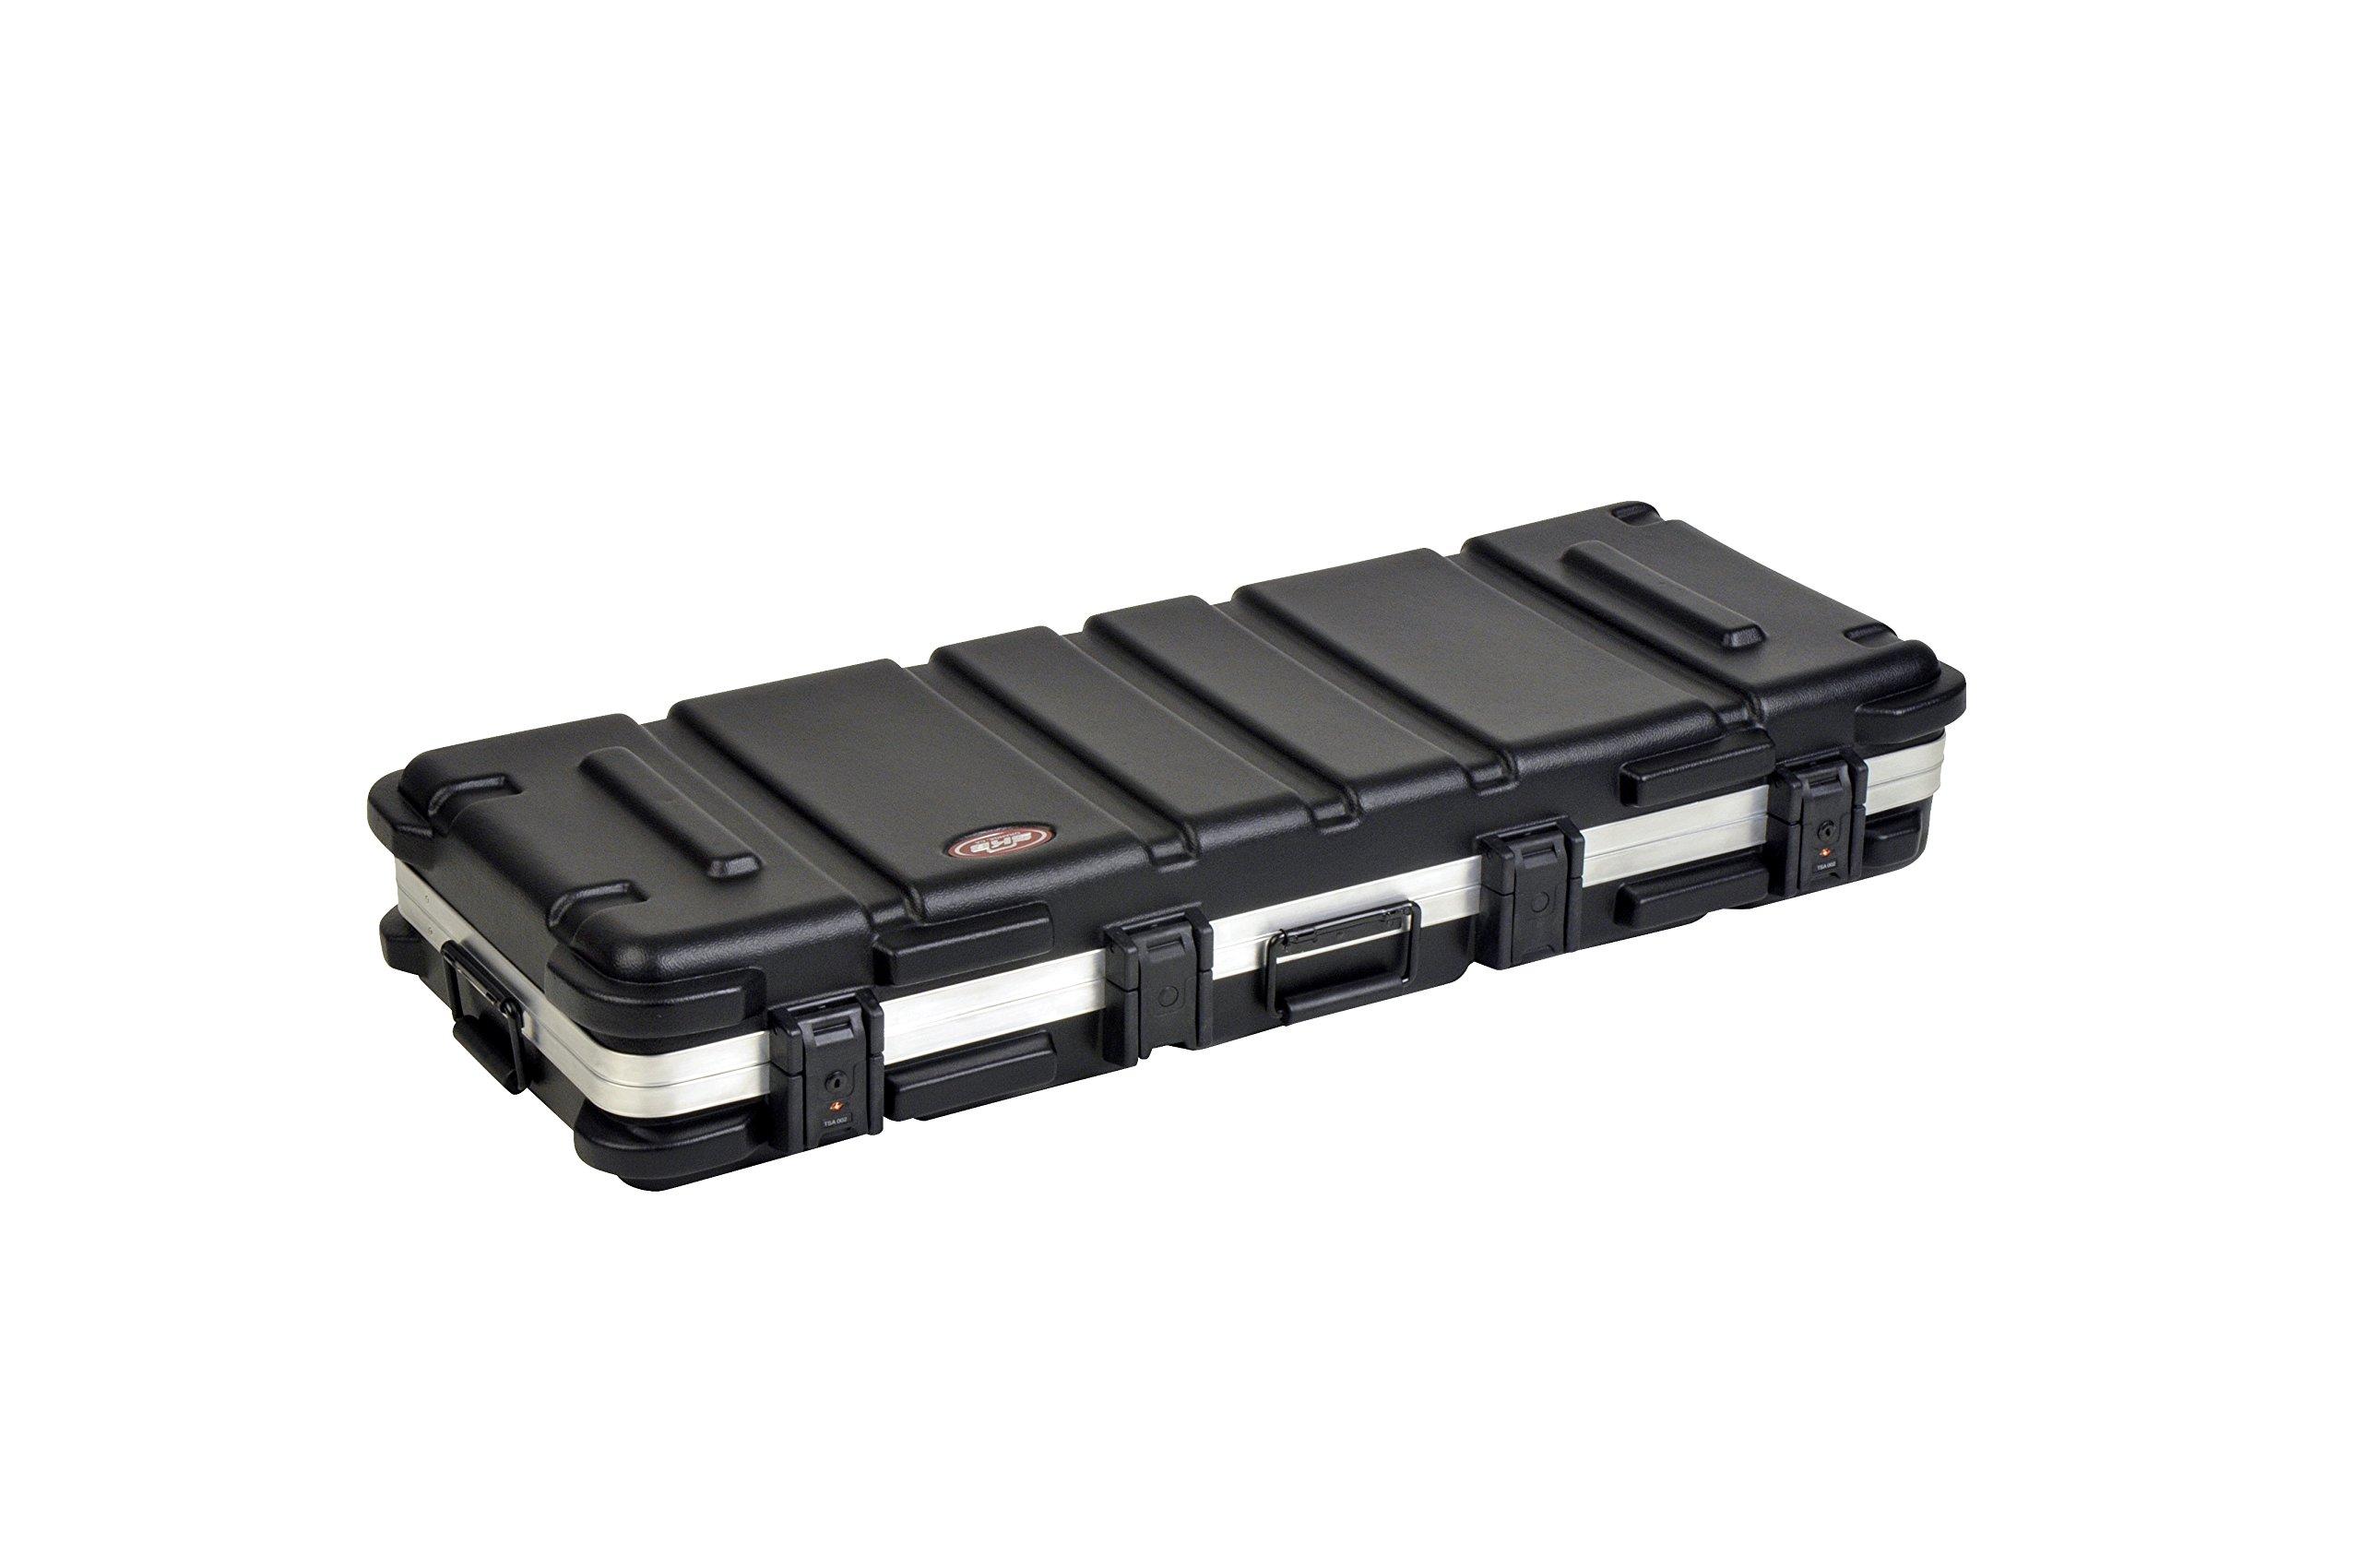 SKB Equipment Case, 43 1/2 X 16 X 6